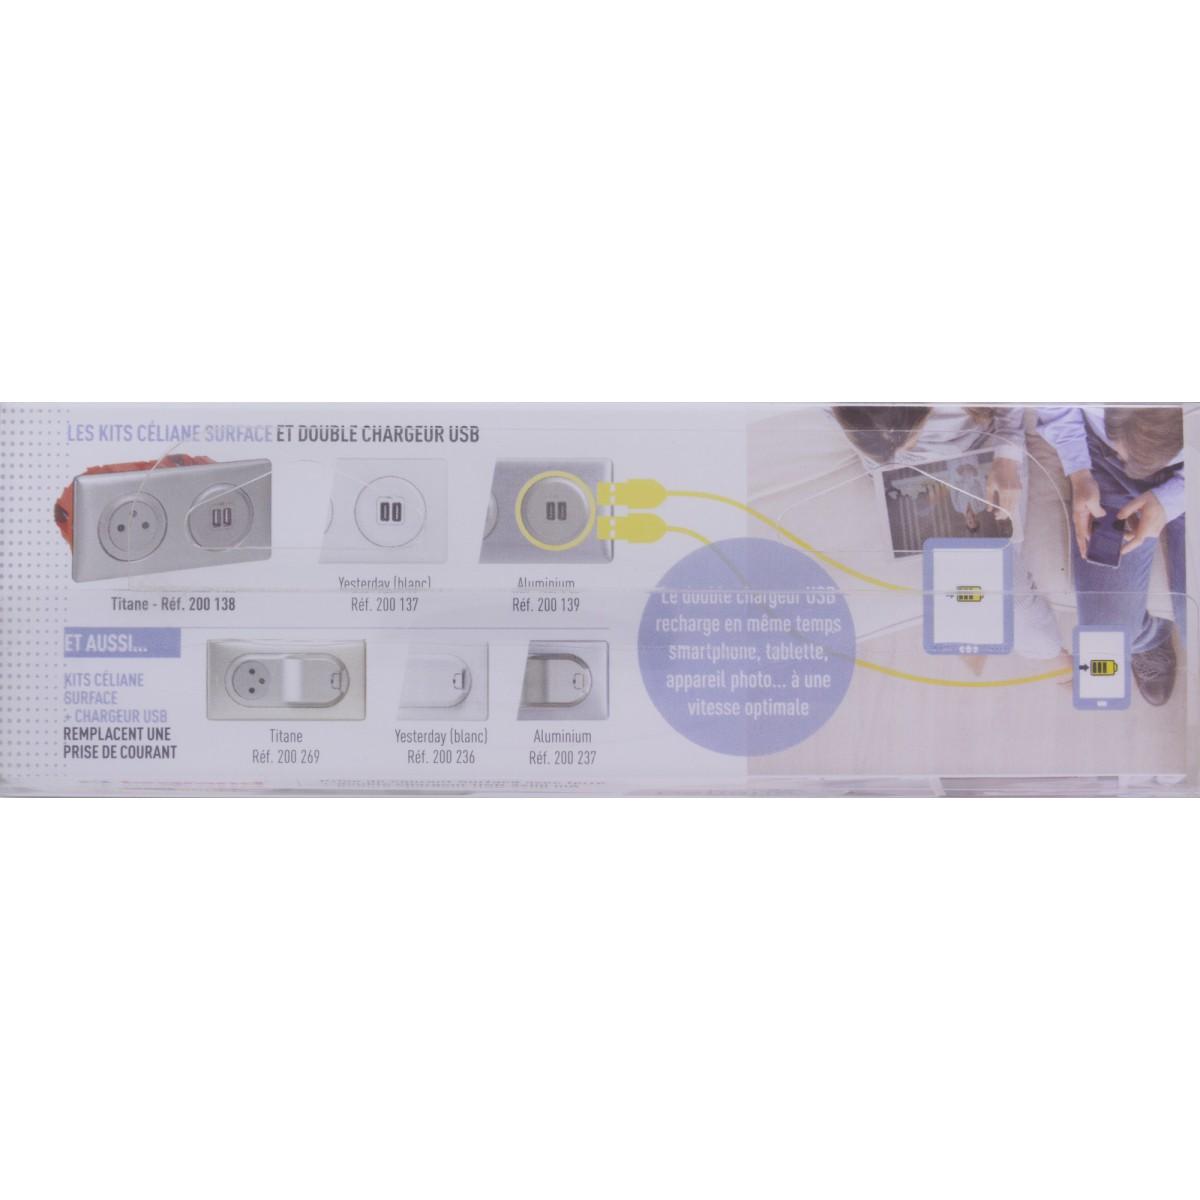 Prise de courant affleurante 2P+T - Double USB Legrand - Céliane - Titane